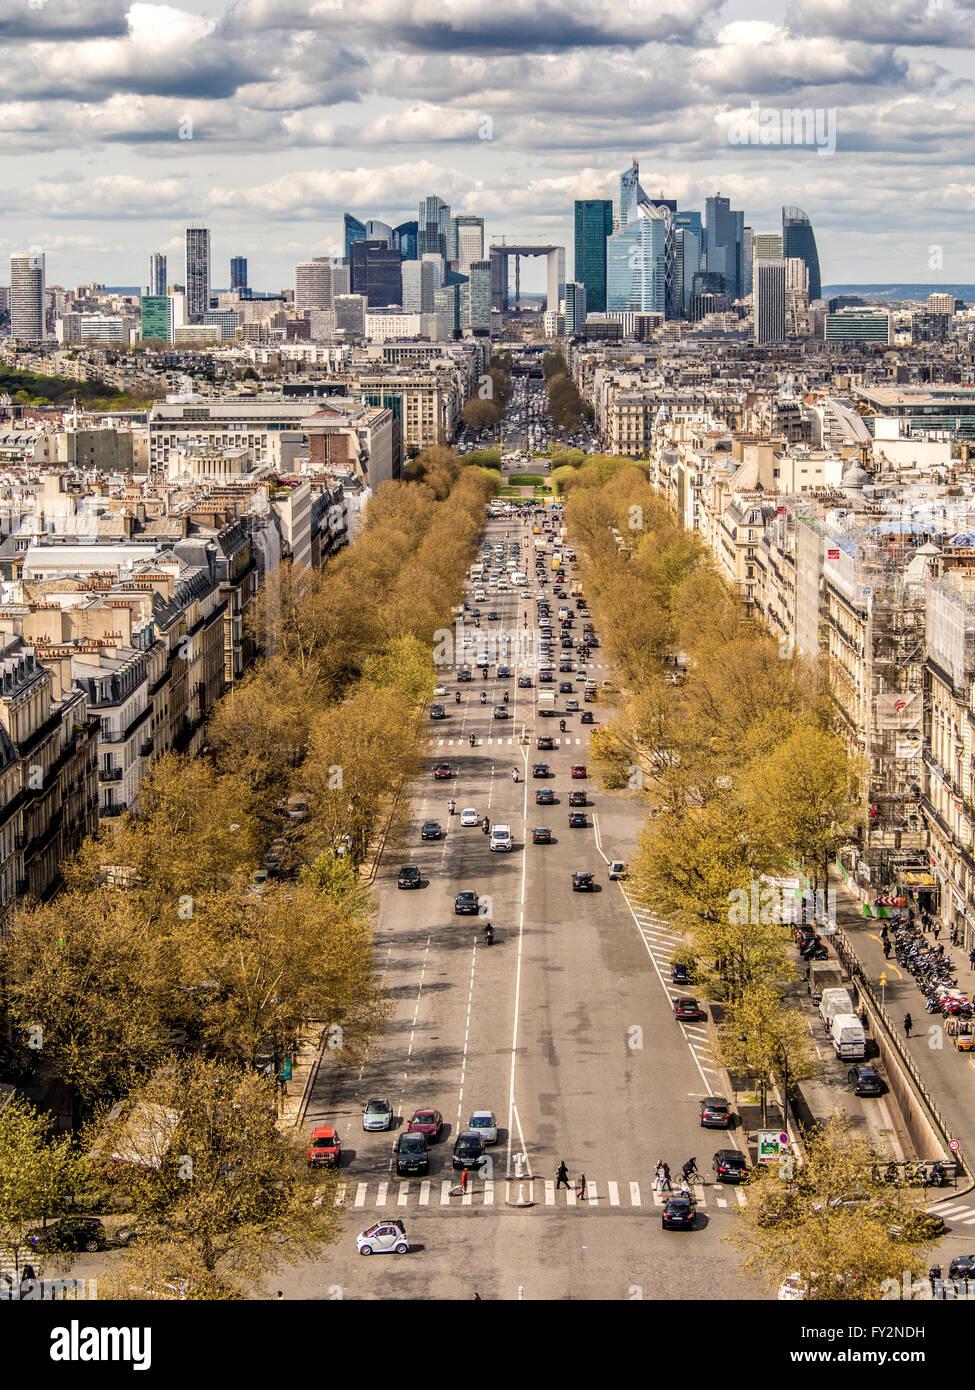 La Defense, Business district, Paris, France. View looking down Avenue de la Grand Armee from the Arc de Triomphe. - Stock Image